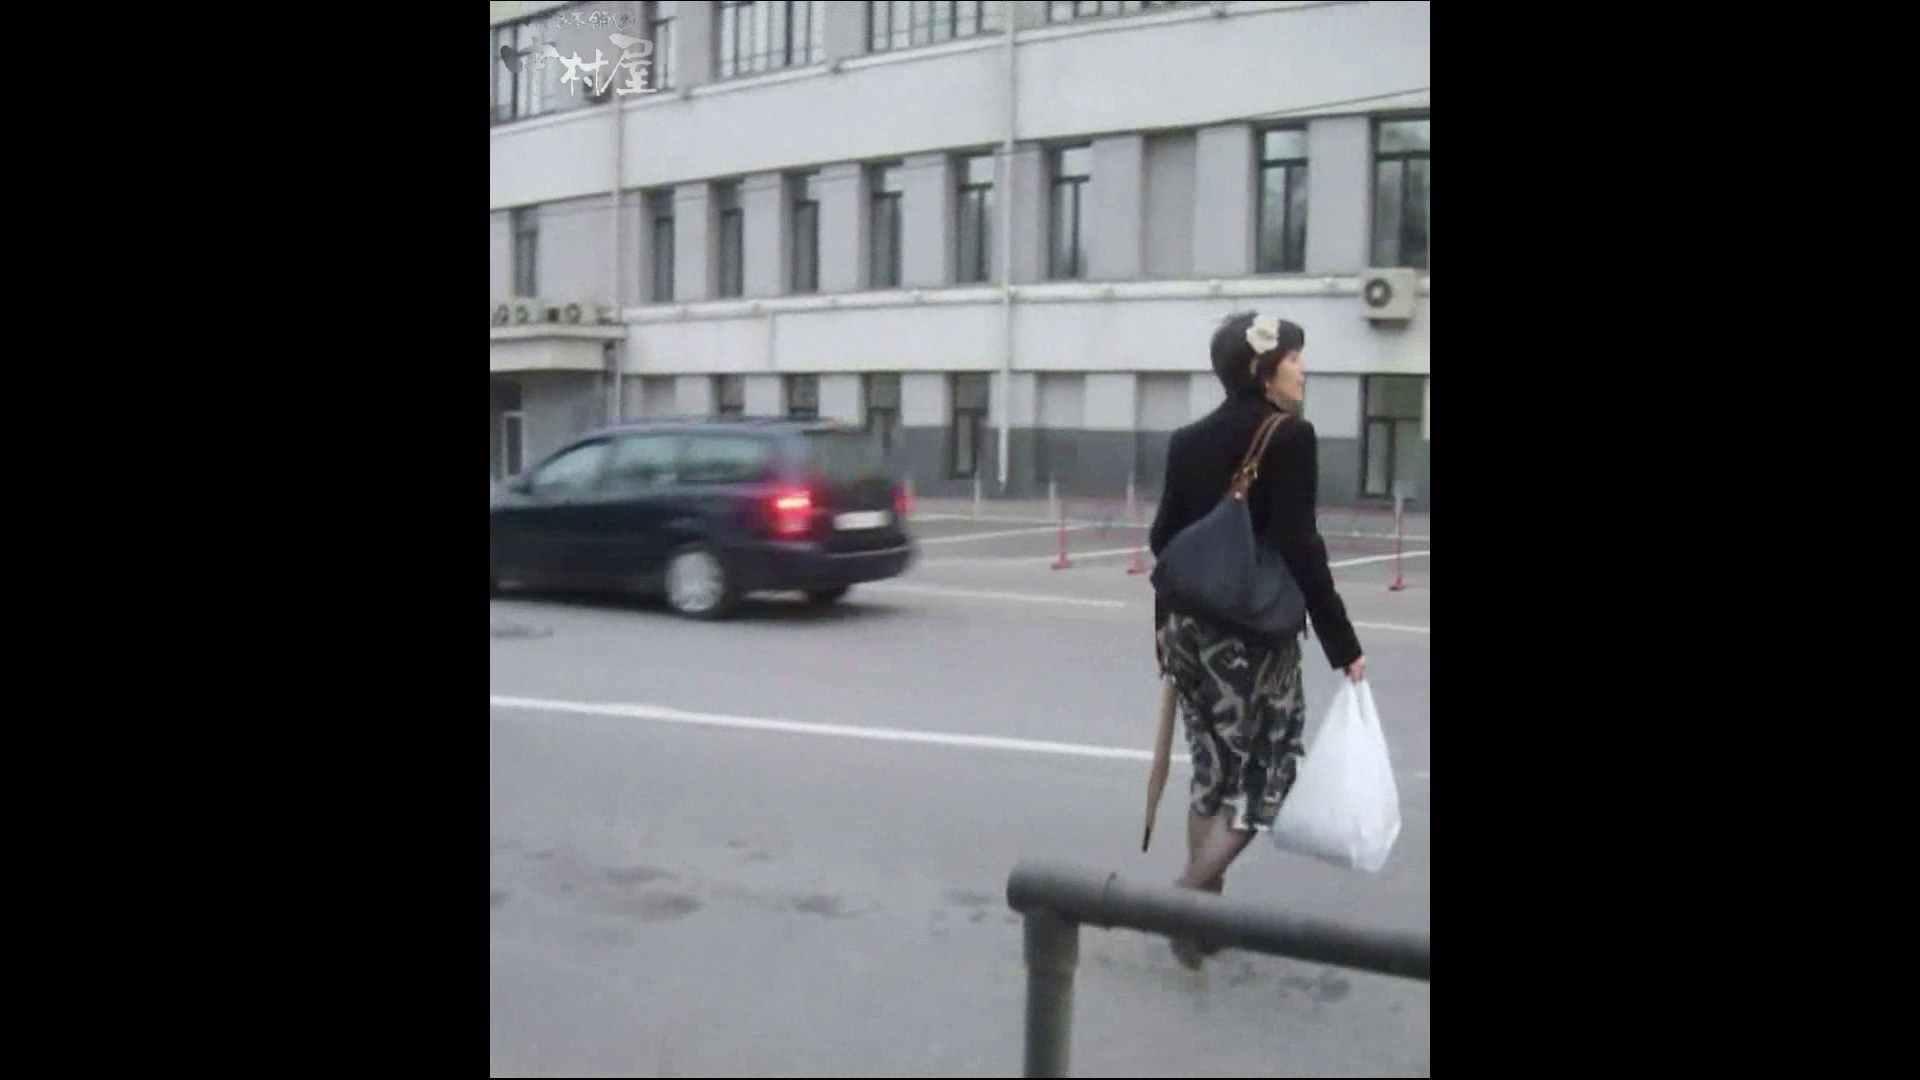 綺麗なモデルさんのスカート捲っちゃおう‼ vol19 お姉さんのエロ動画  110PIX 74